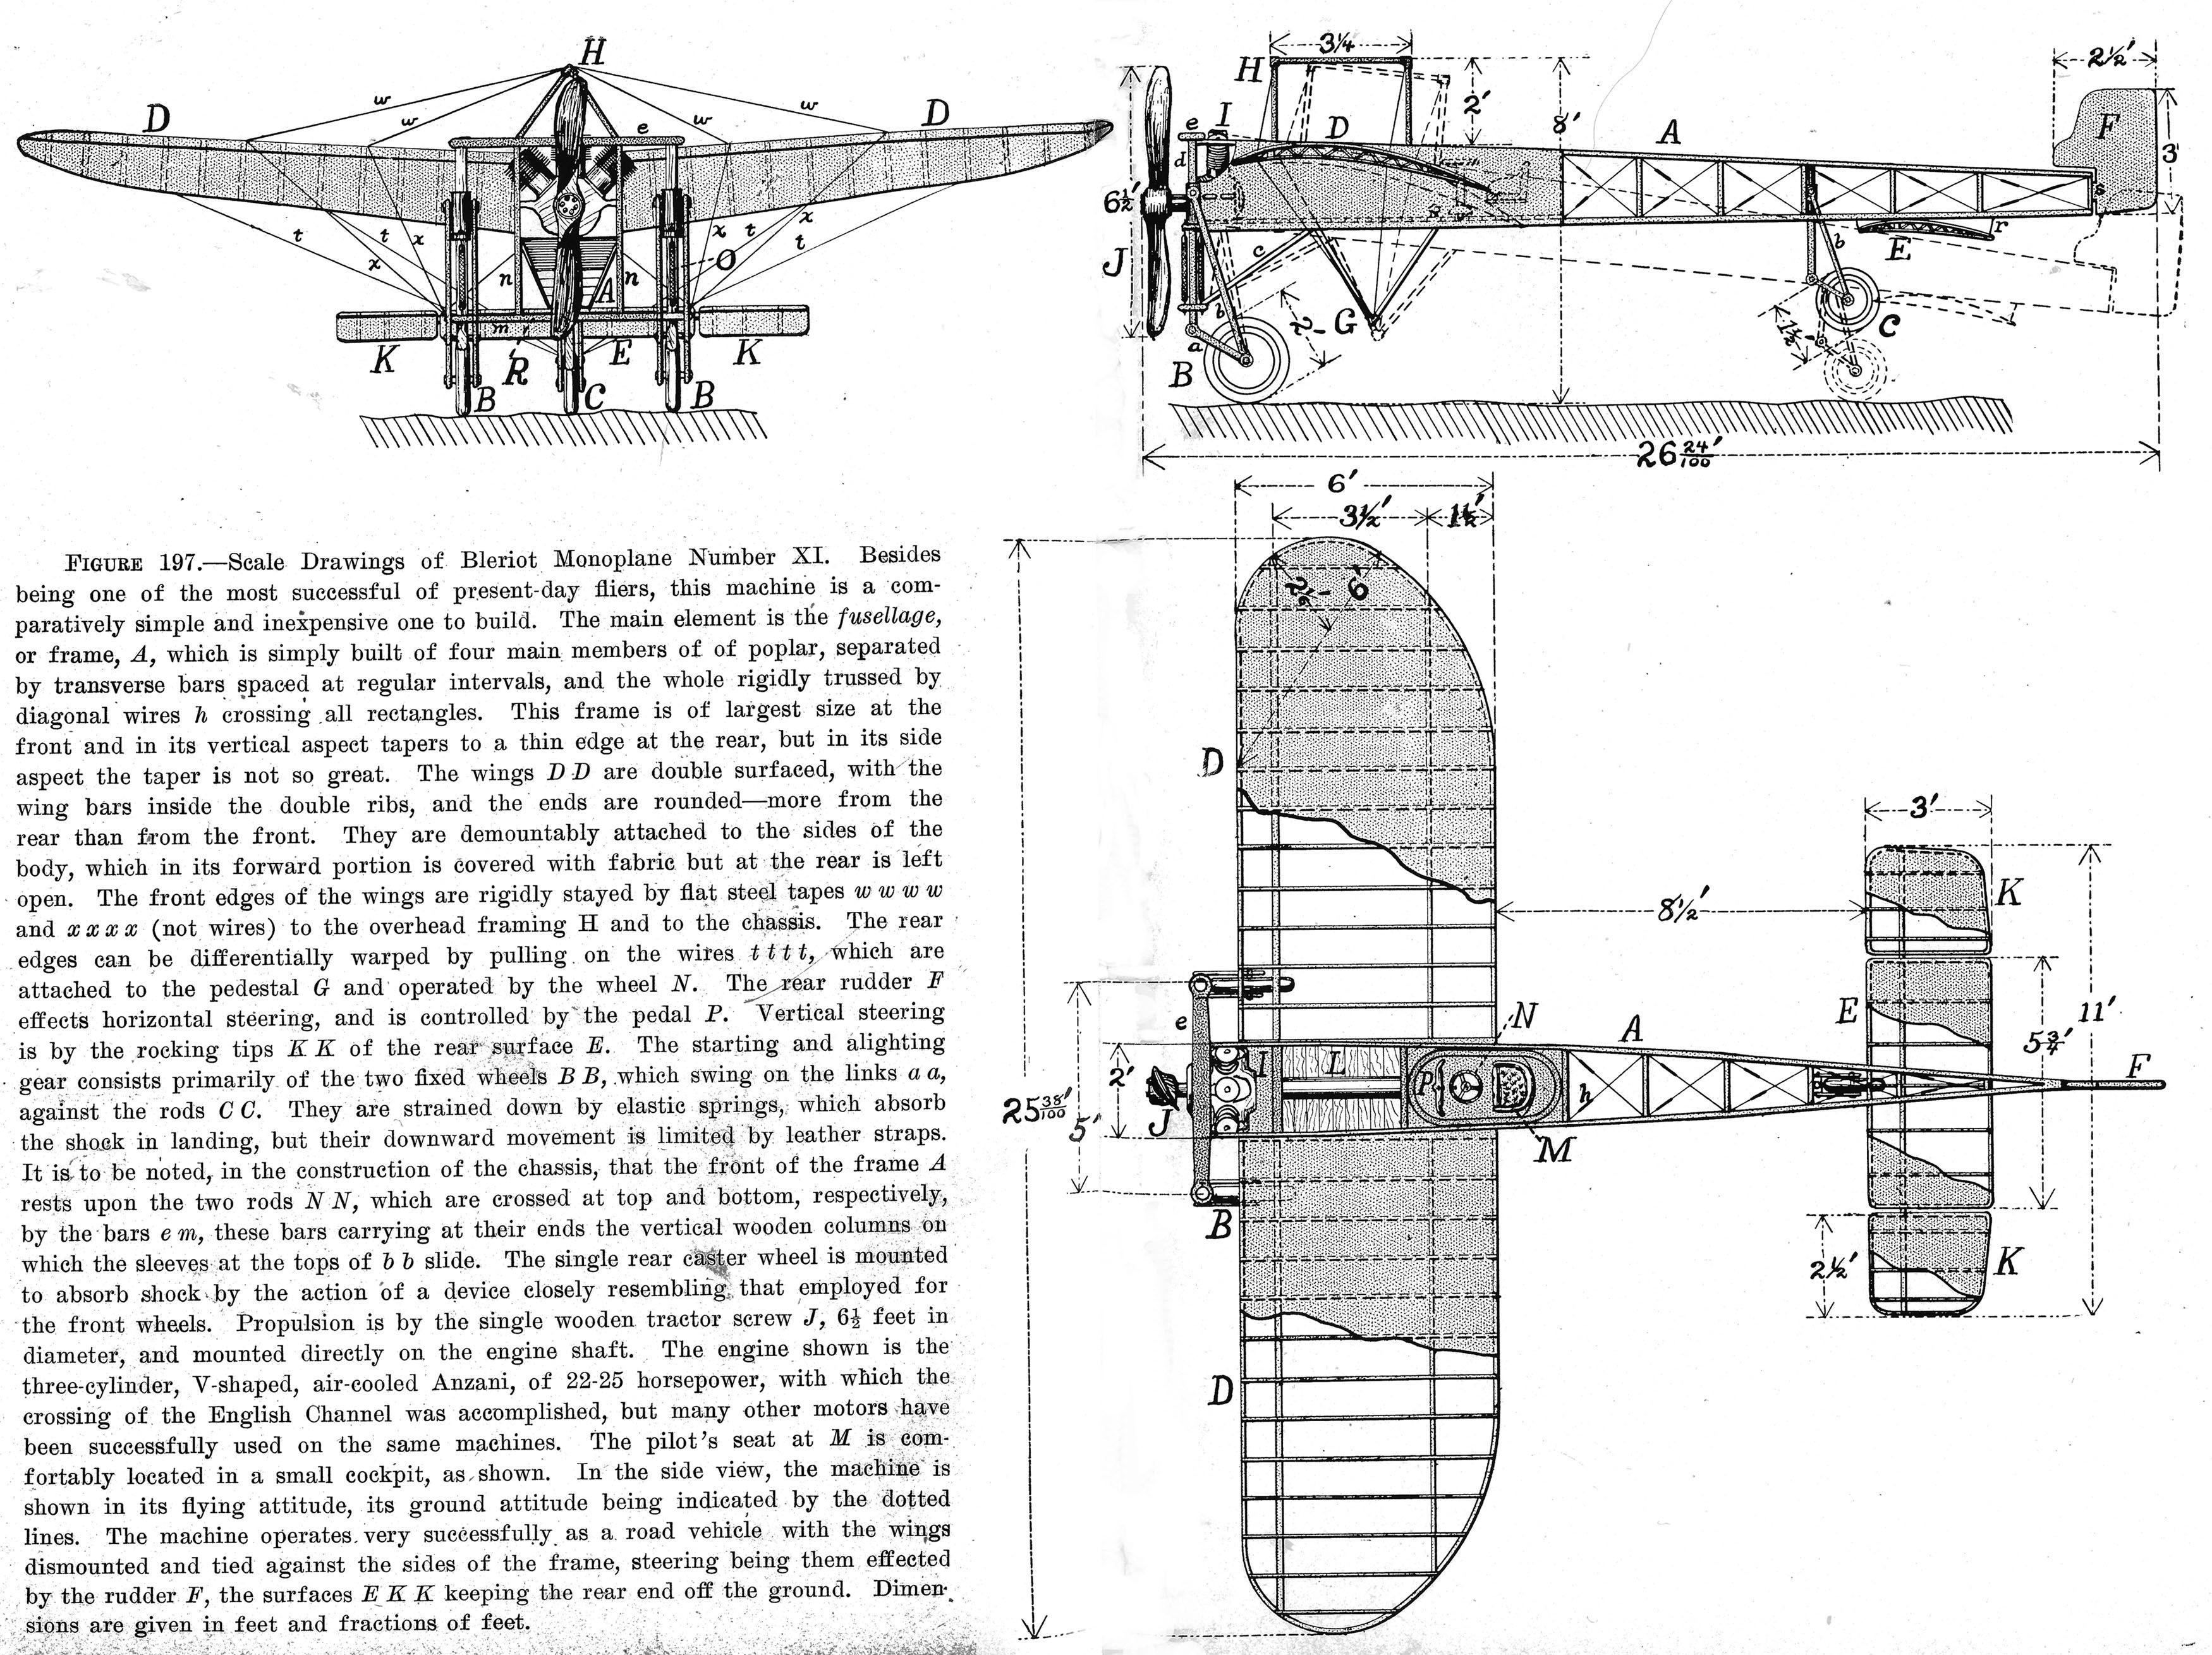 Diagram Of Jet Engine Image Result for Bleriot Monoplane Rides Pinterest Of Diagram Of Jet Engine